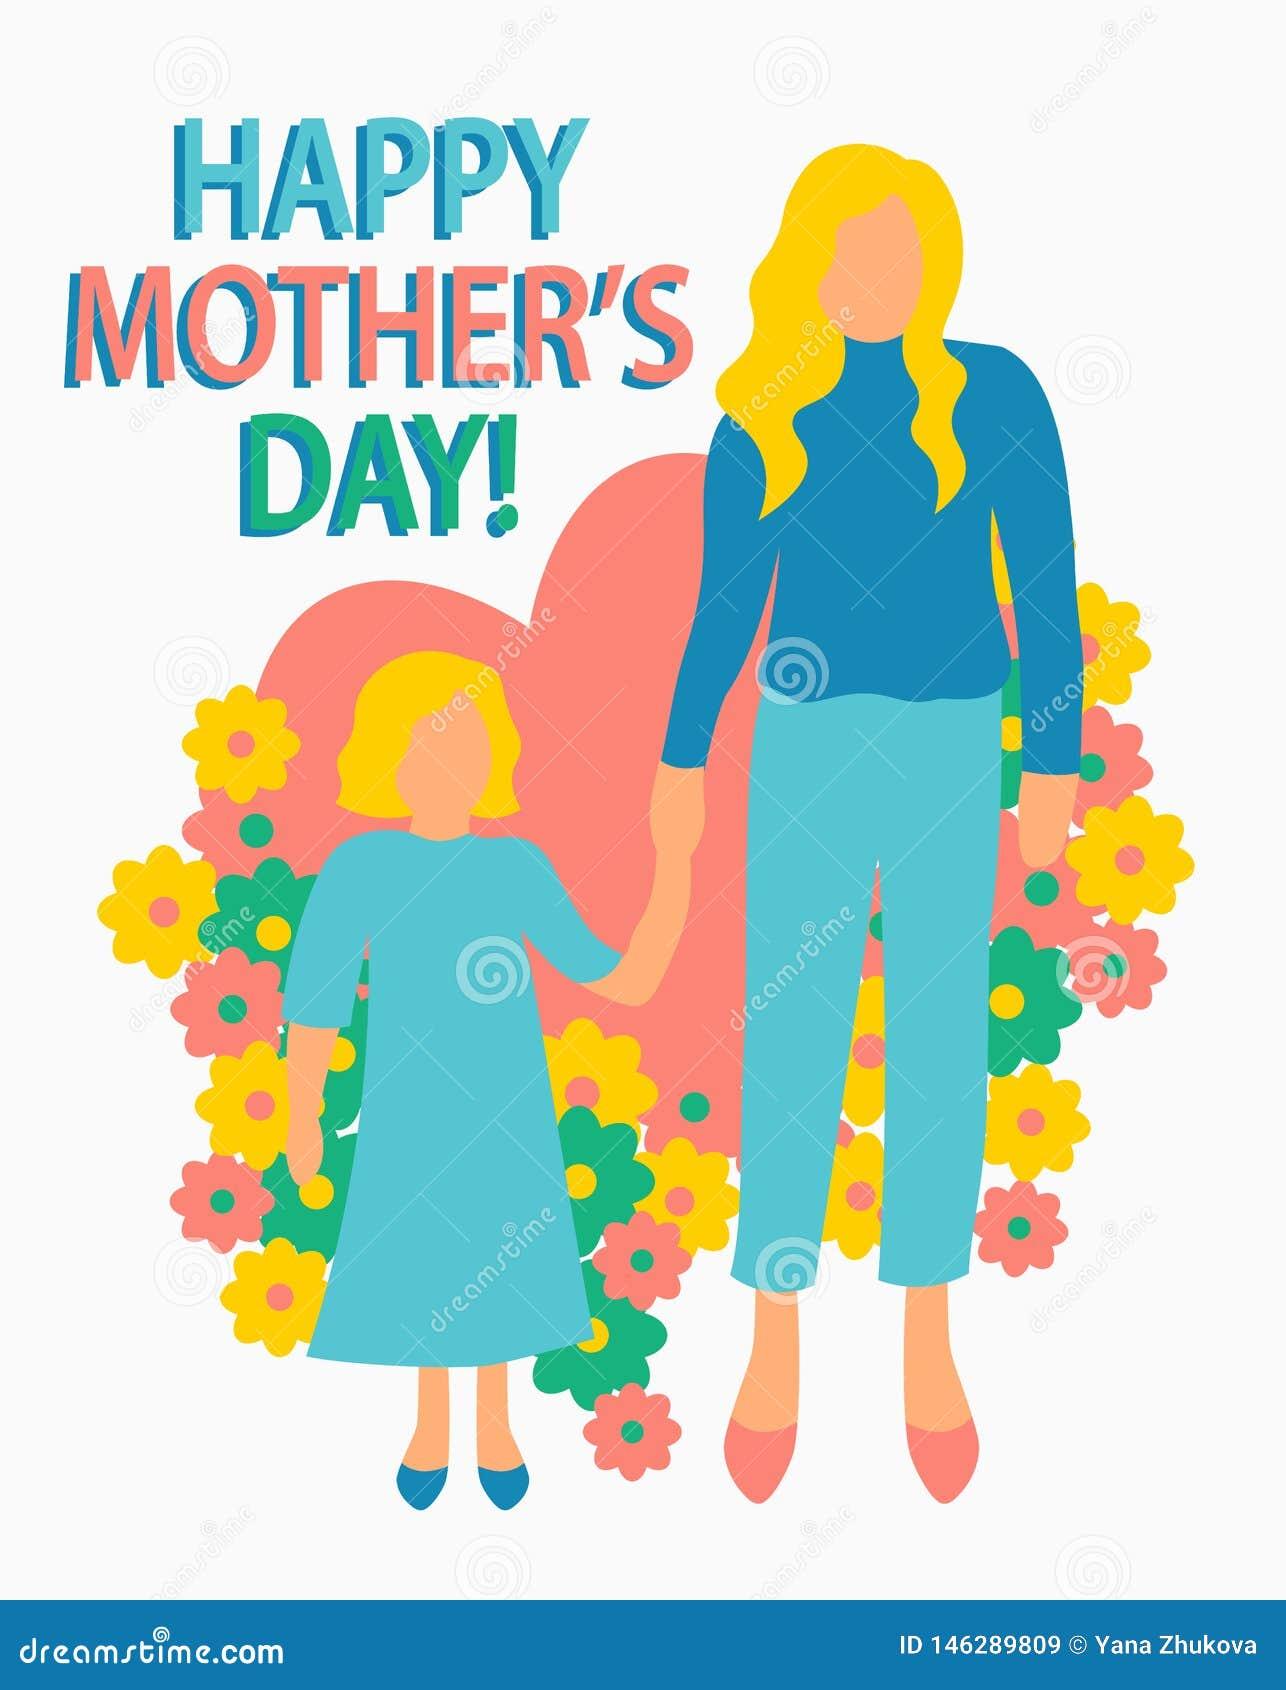 Kartki z pozdrowieniami mieszkania stylu ilustracji matka z dziecko matki dnia macierzy?stwa plakatowej Szcz??liwej c?rki bezszwo